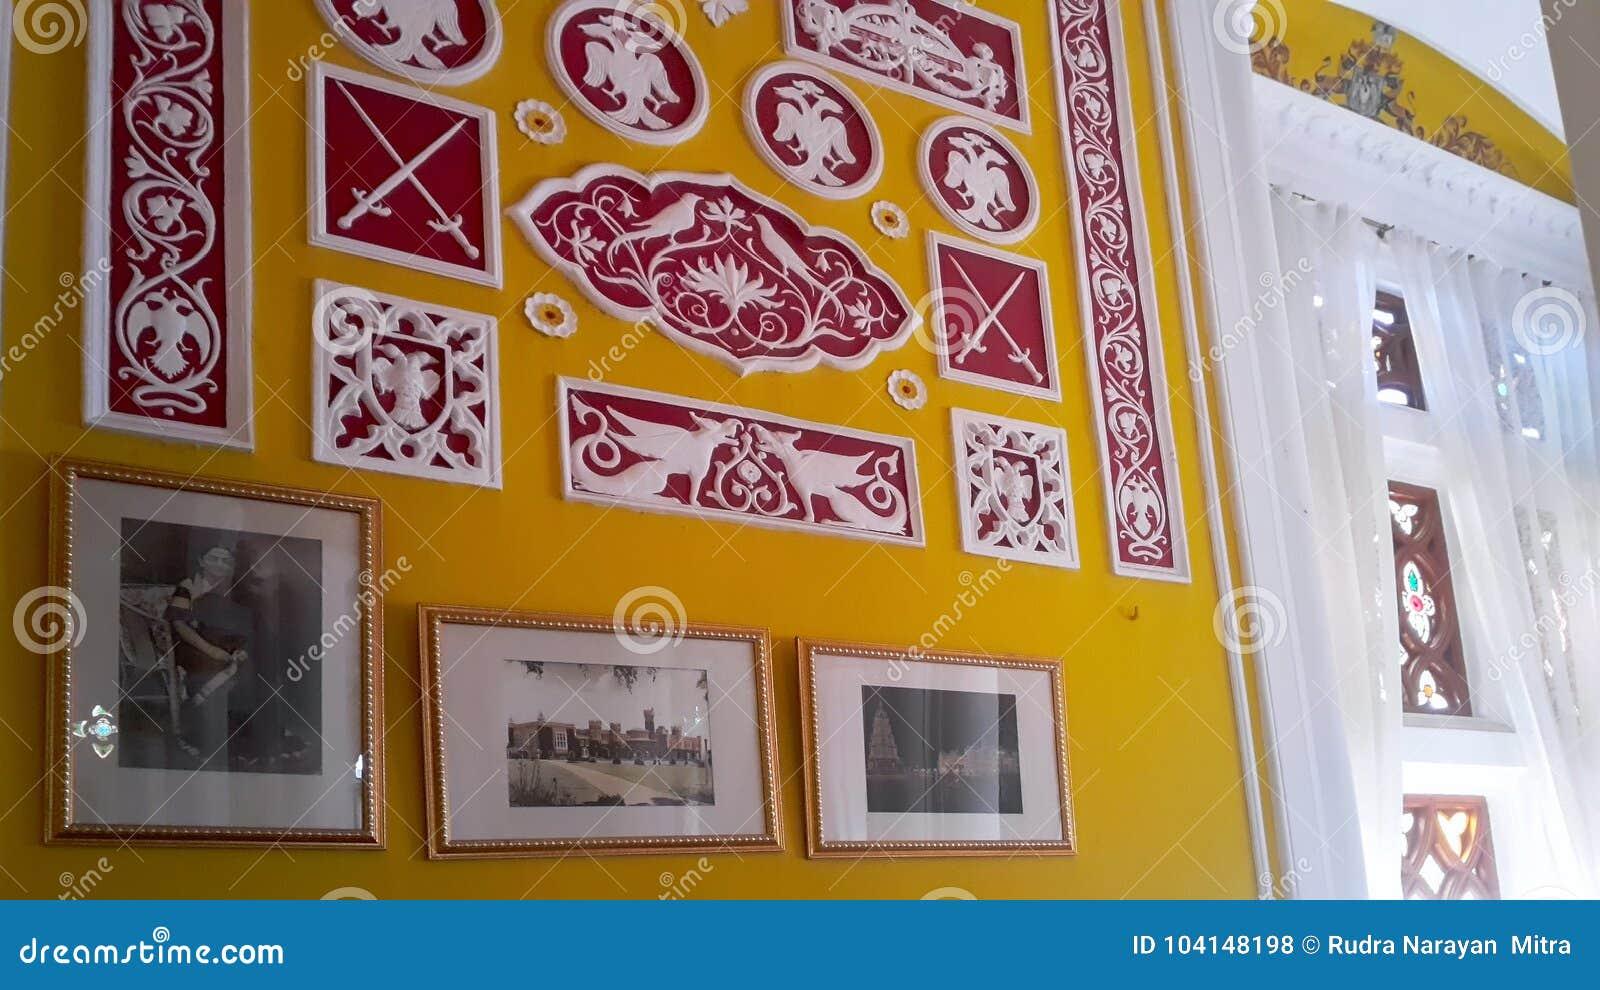 Materiale illustrativo al palazzo di Banglaore, Bengaluru, India